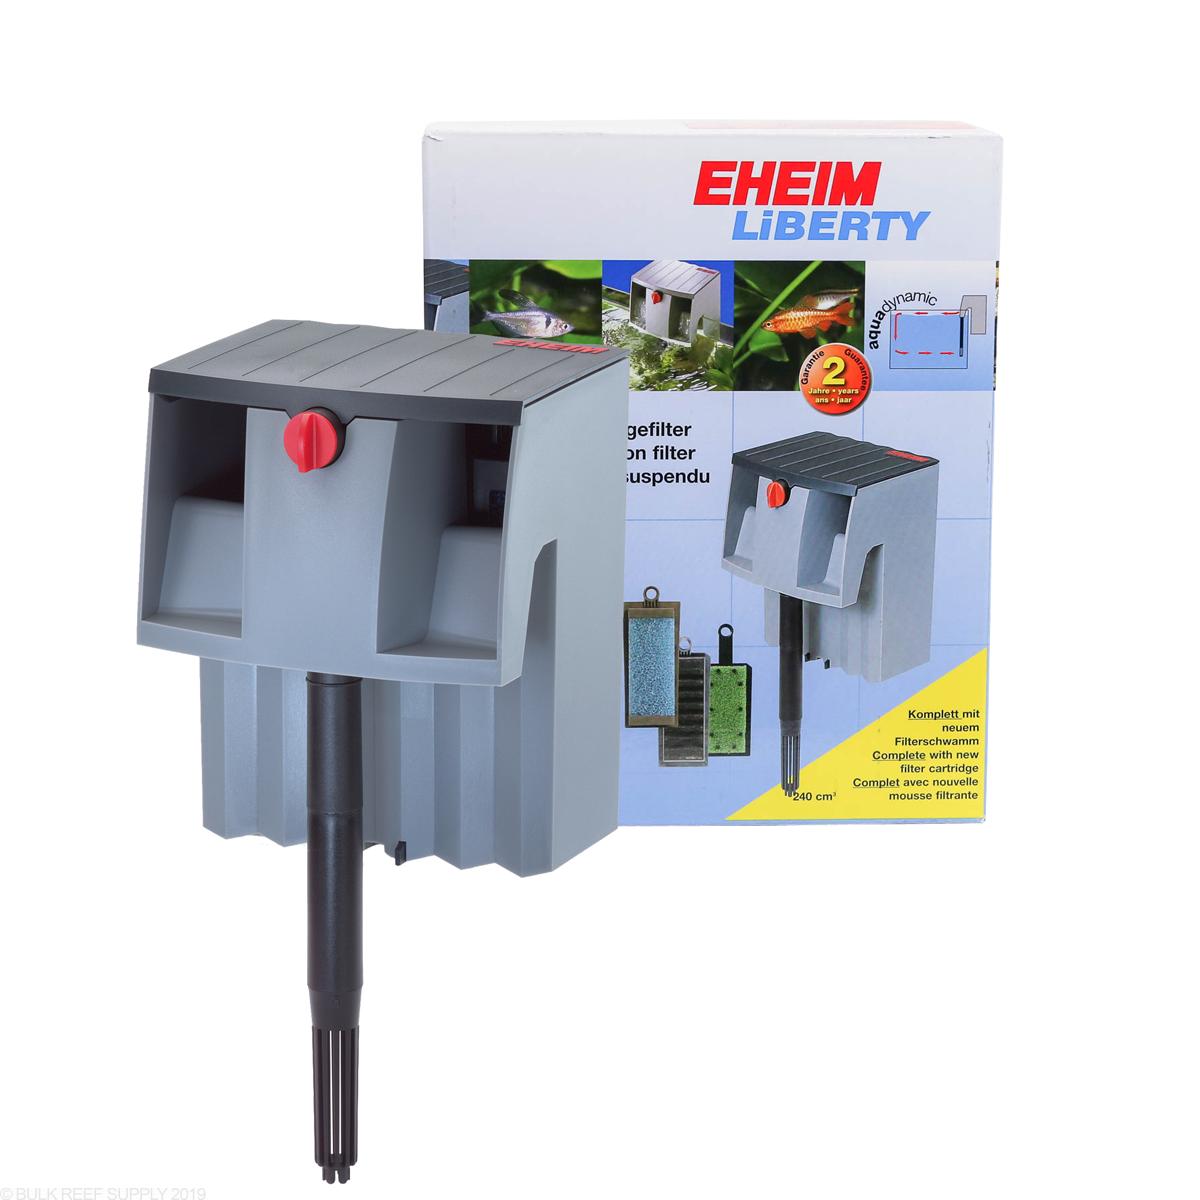 Bekannt Liberty 130 HOB Power Filter - Eheim - Bulk Reef Supply PT54